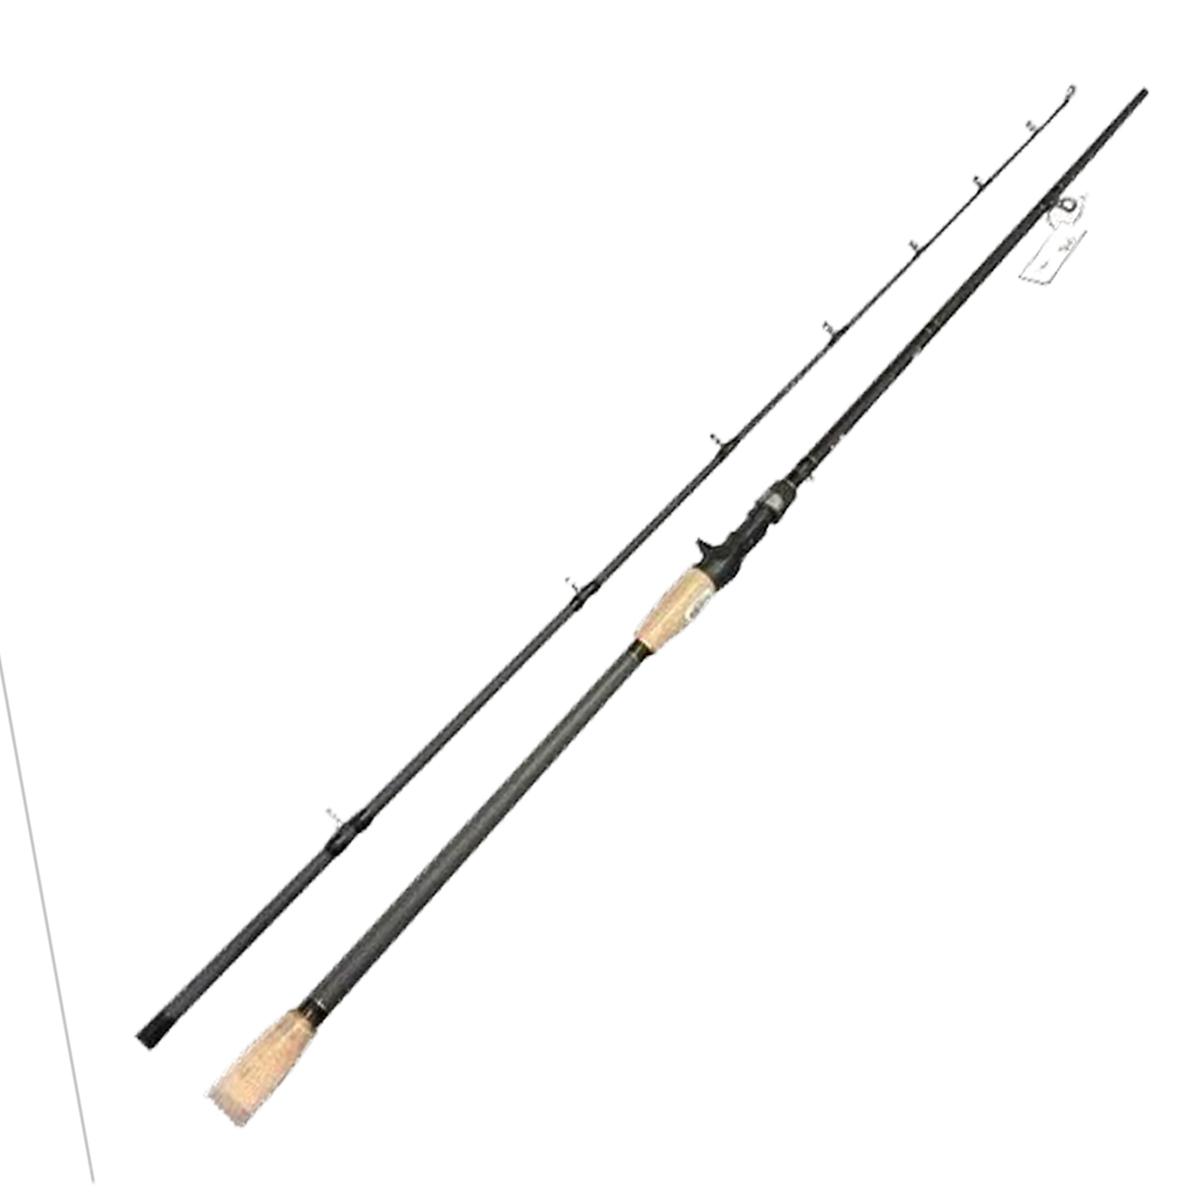 Vara Lumis Intense p/ Carretilha 2,40 m 60 lbs (2 Partes)  - Pró Pesca Shop